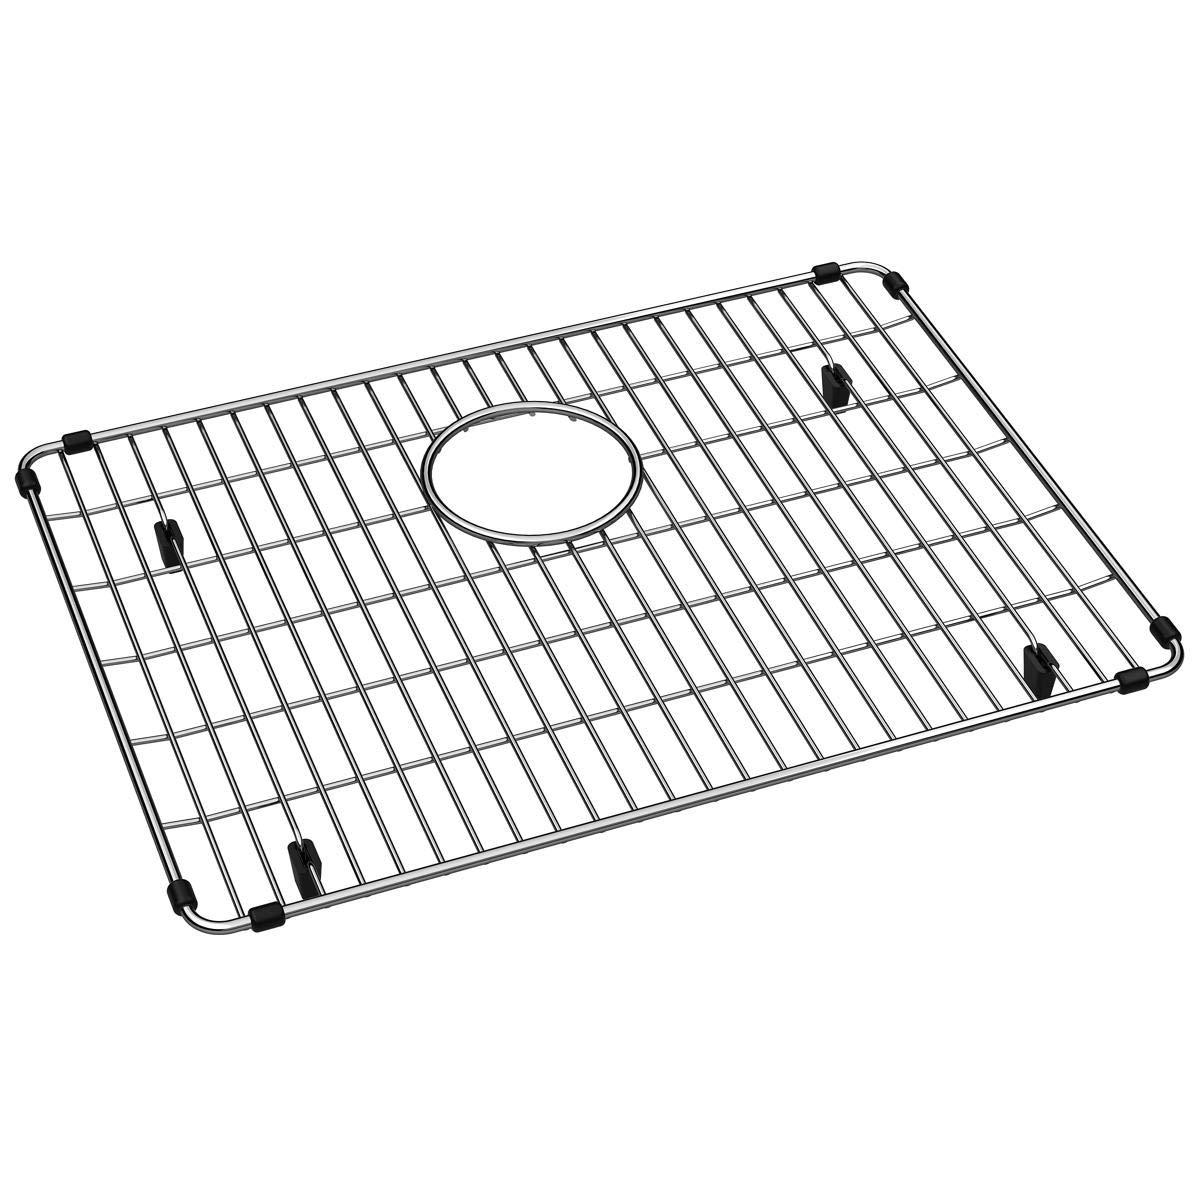 Elkay EBG1914 Stainless Steel Bottom Grid by Elkay (Image #3)